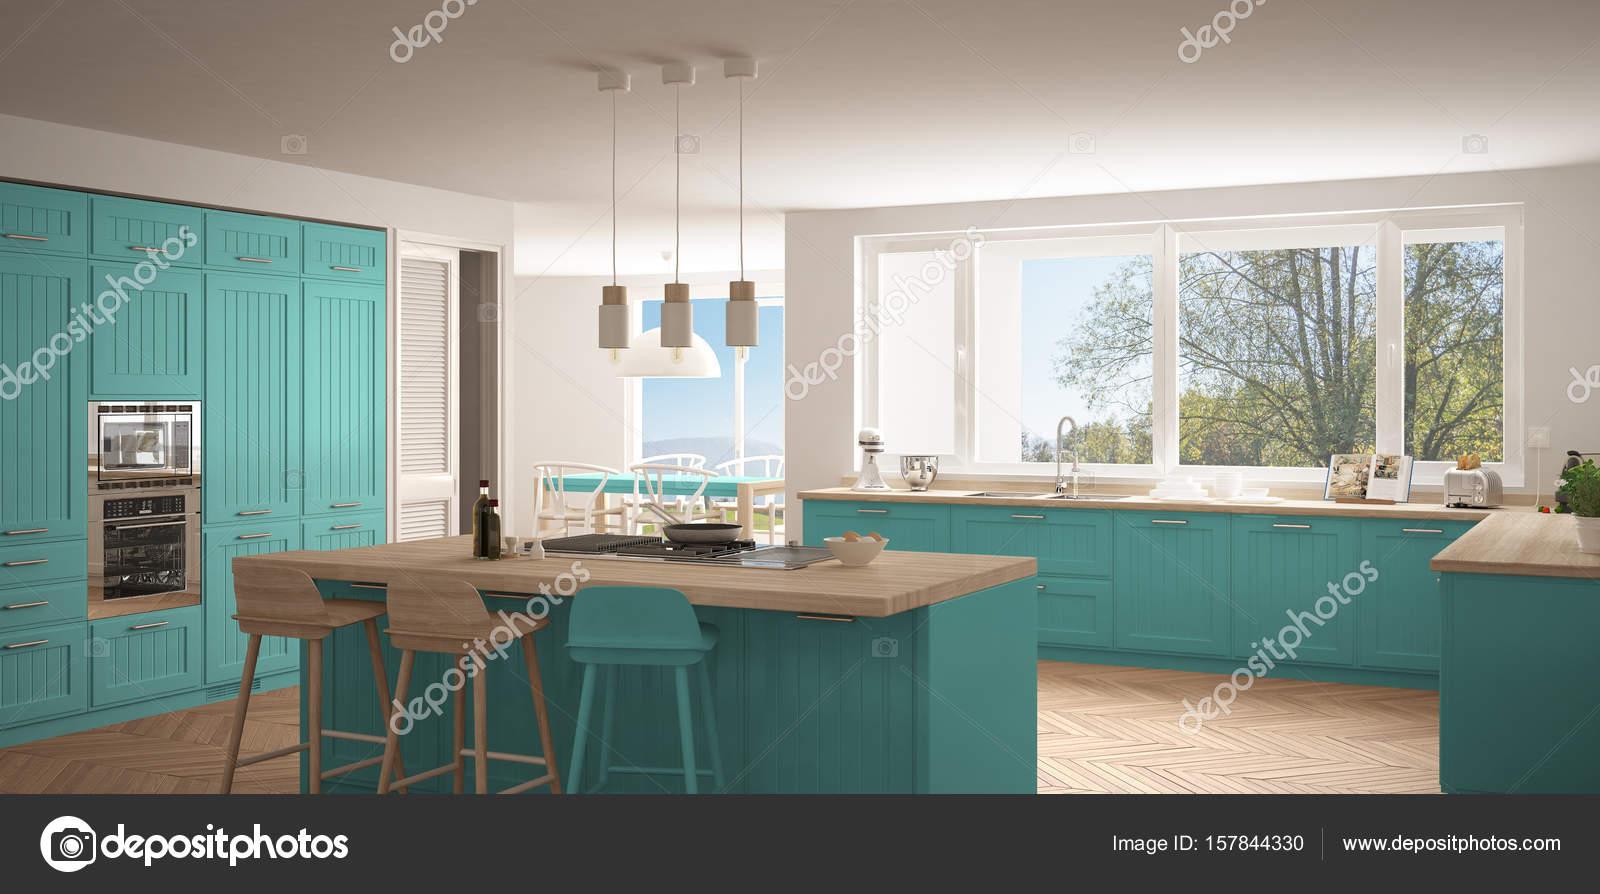 Cozinha Moderna Da Escandin Via Com Janelas Grandes Panorama